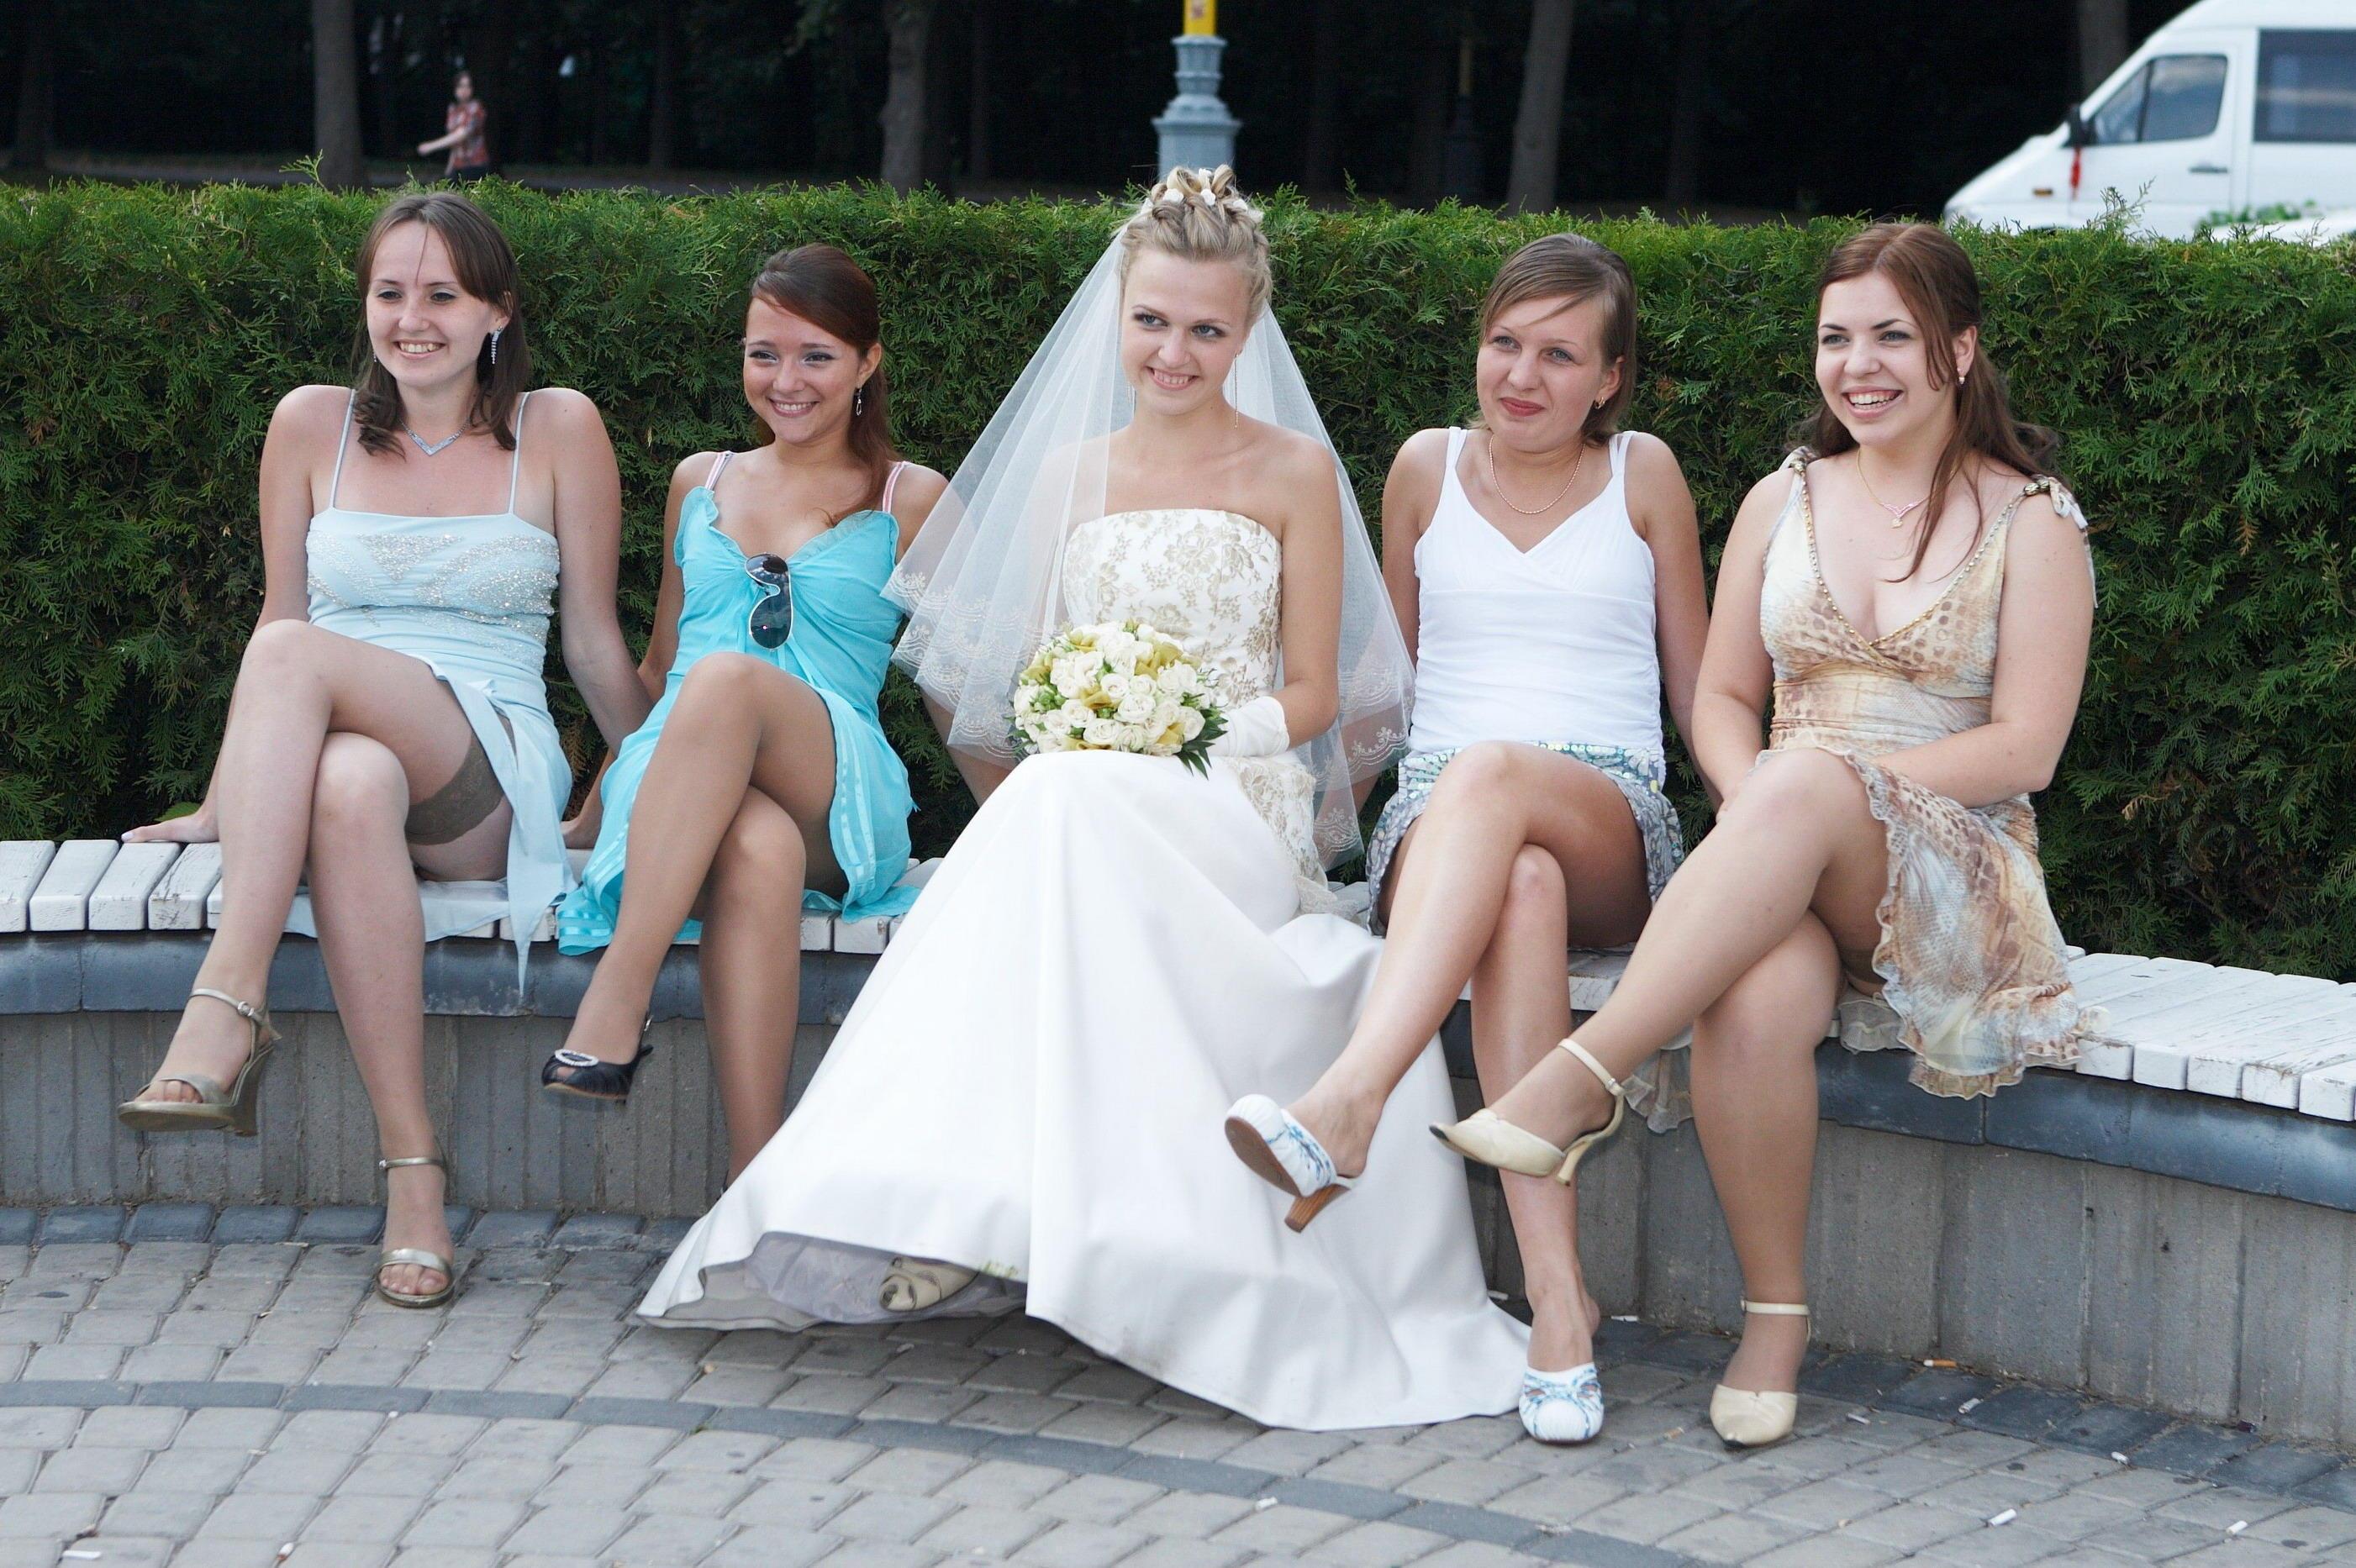 Эротика на свадьбе фото 16 фотография